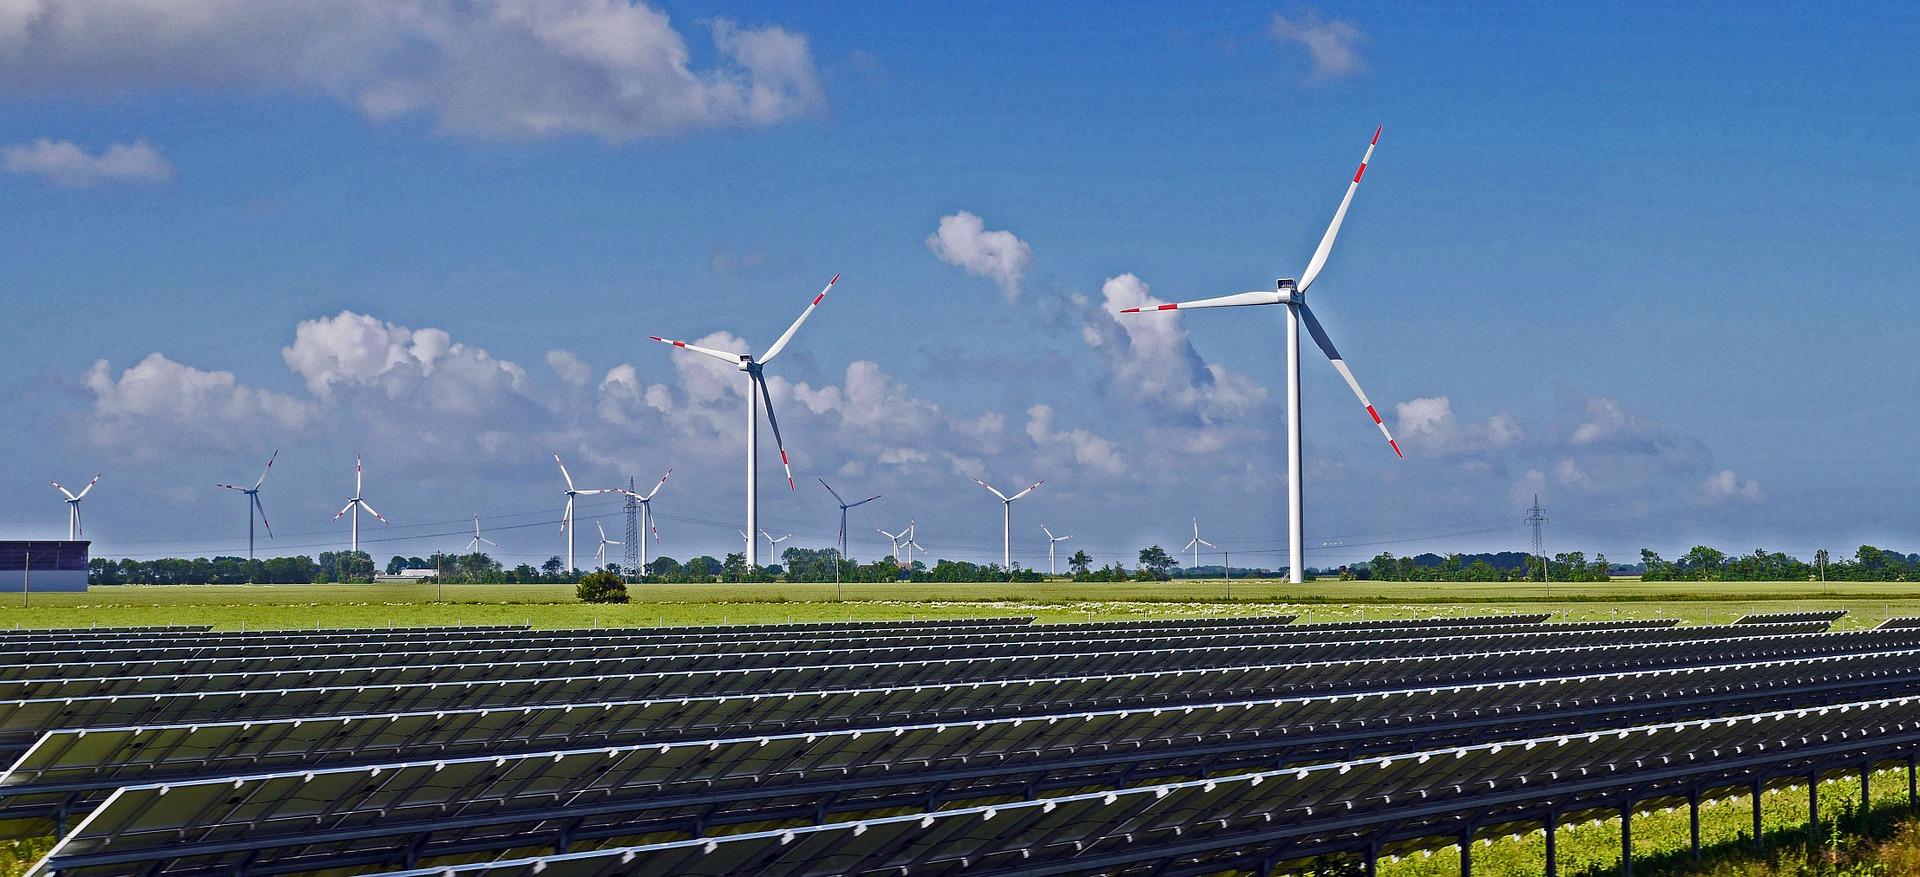 AleaSoft - Solar fotovoltaica eólica electrificación energía limpia